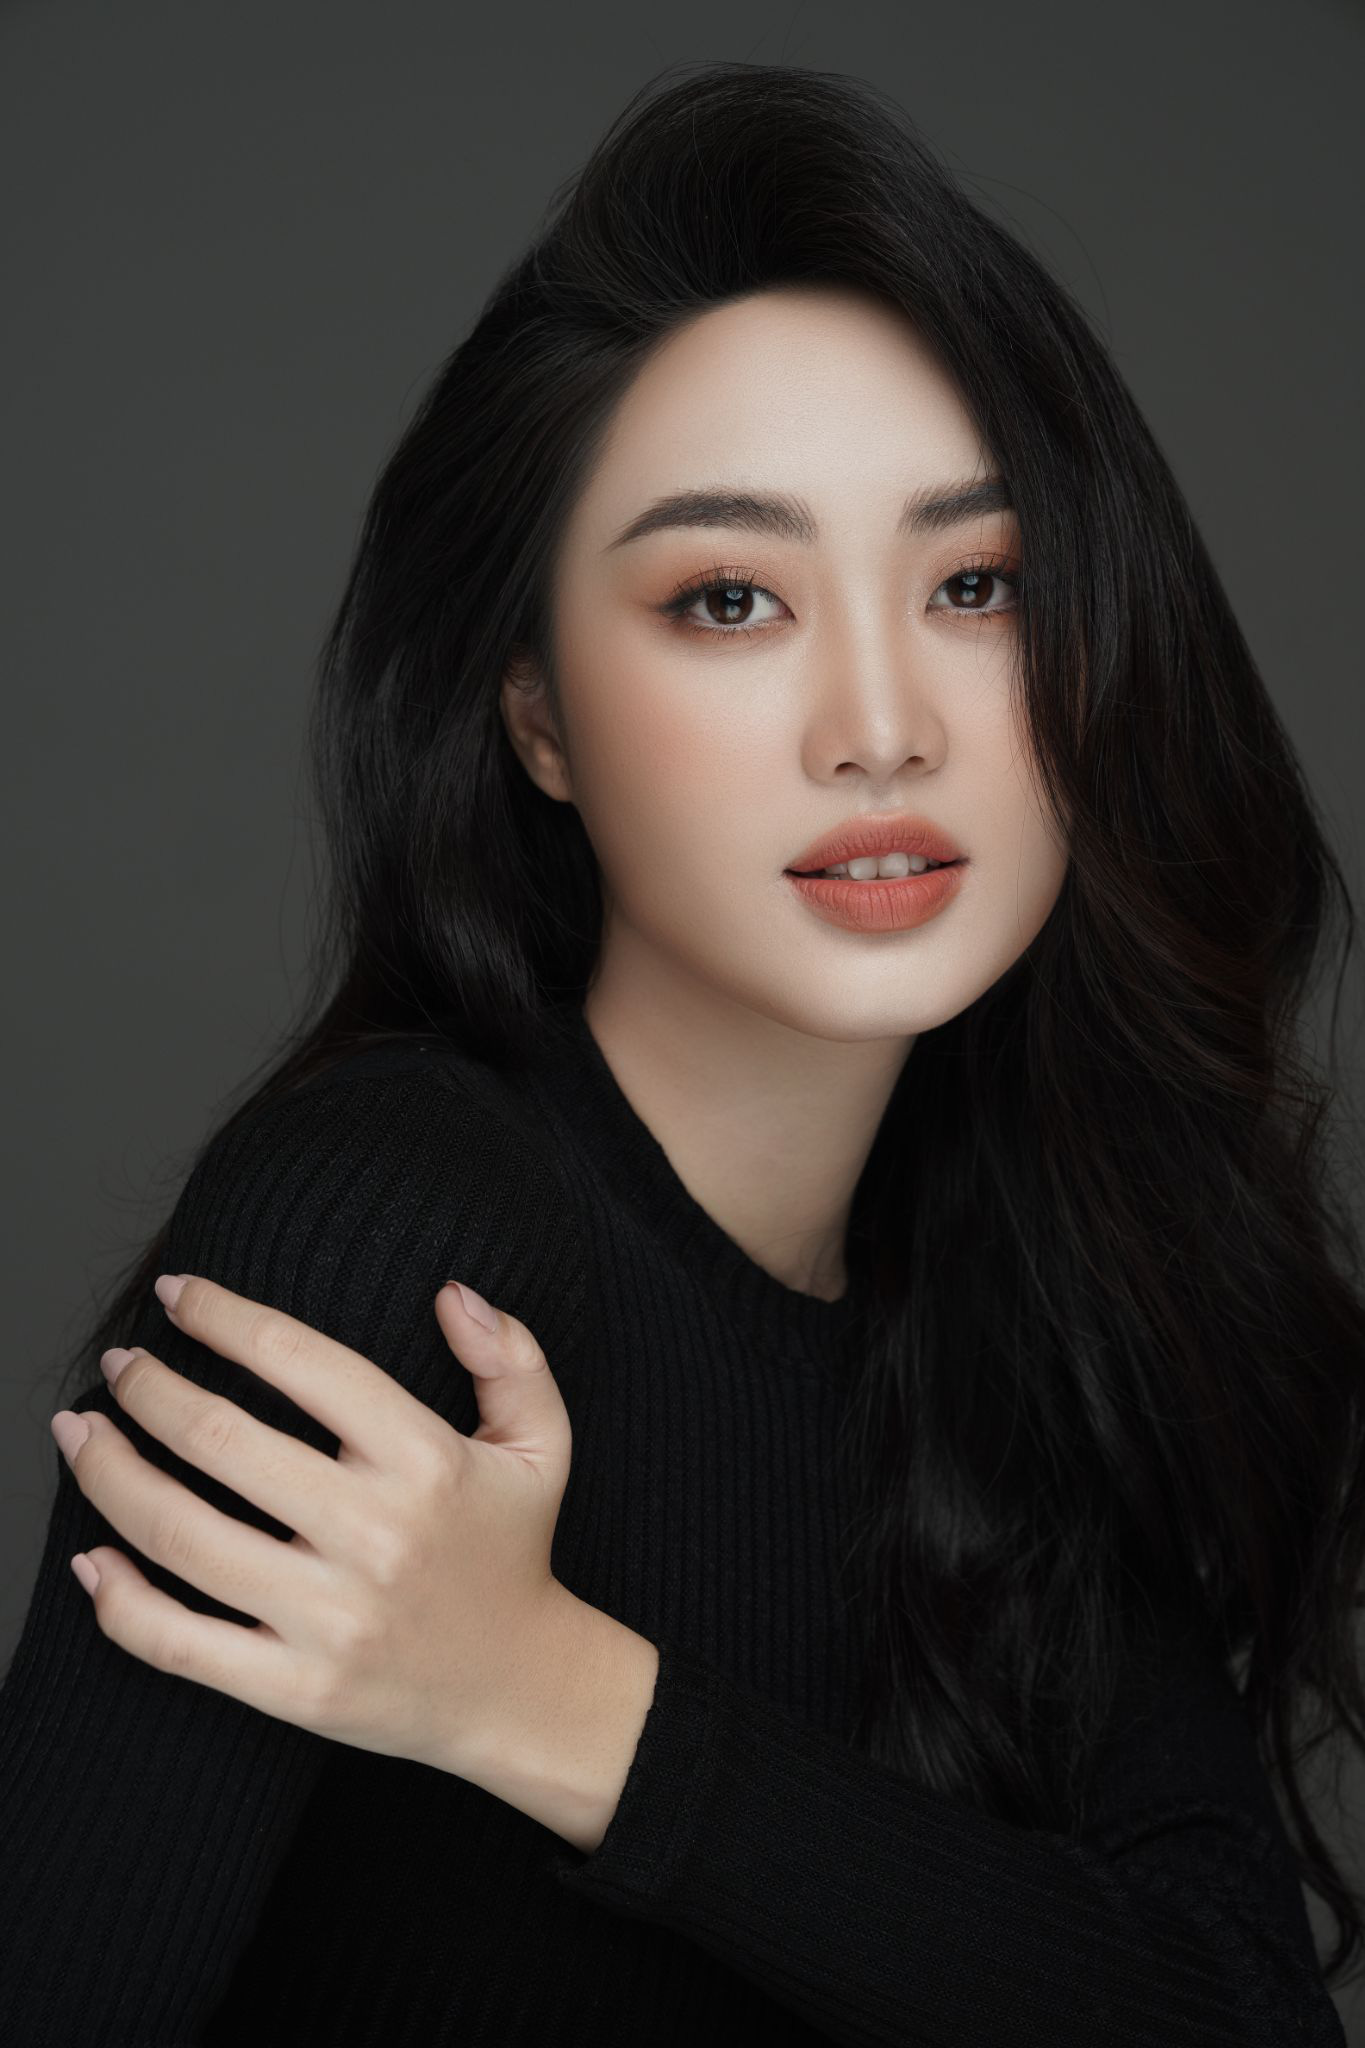 Gặp gỡ cô nàng Gen Z tài năng của Đại học Phương Đông hiện đang là gương mặt nổi bật tại Miss World Việt Nam 2021 - Ảnh 2.